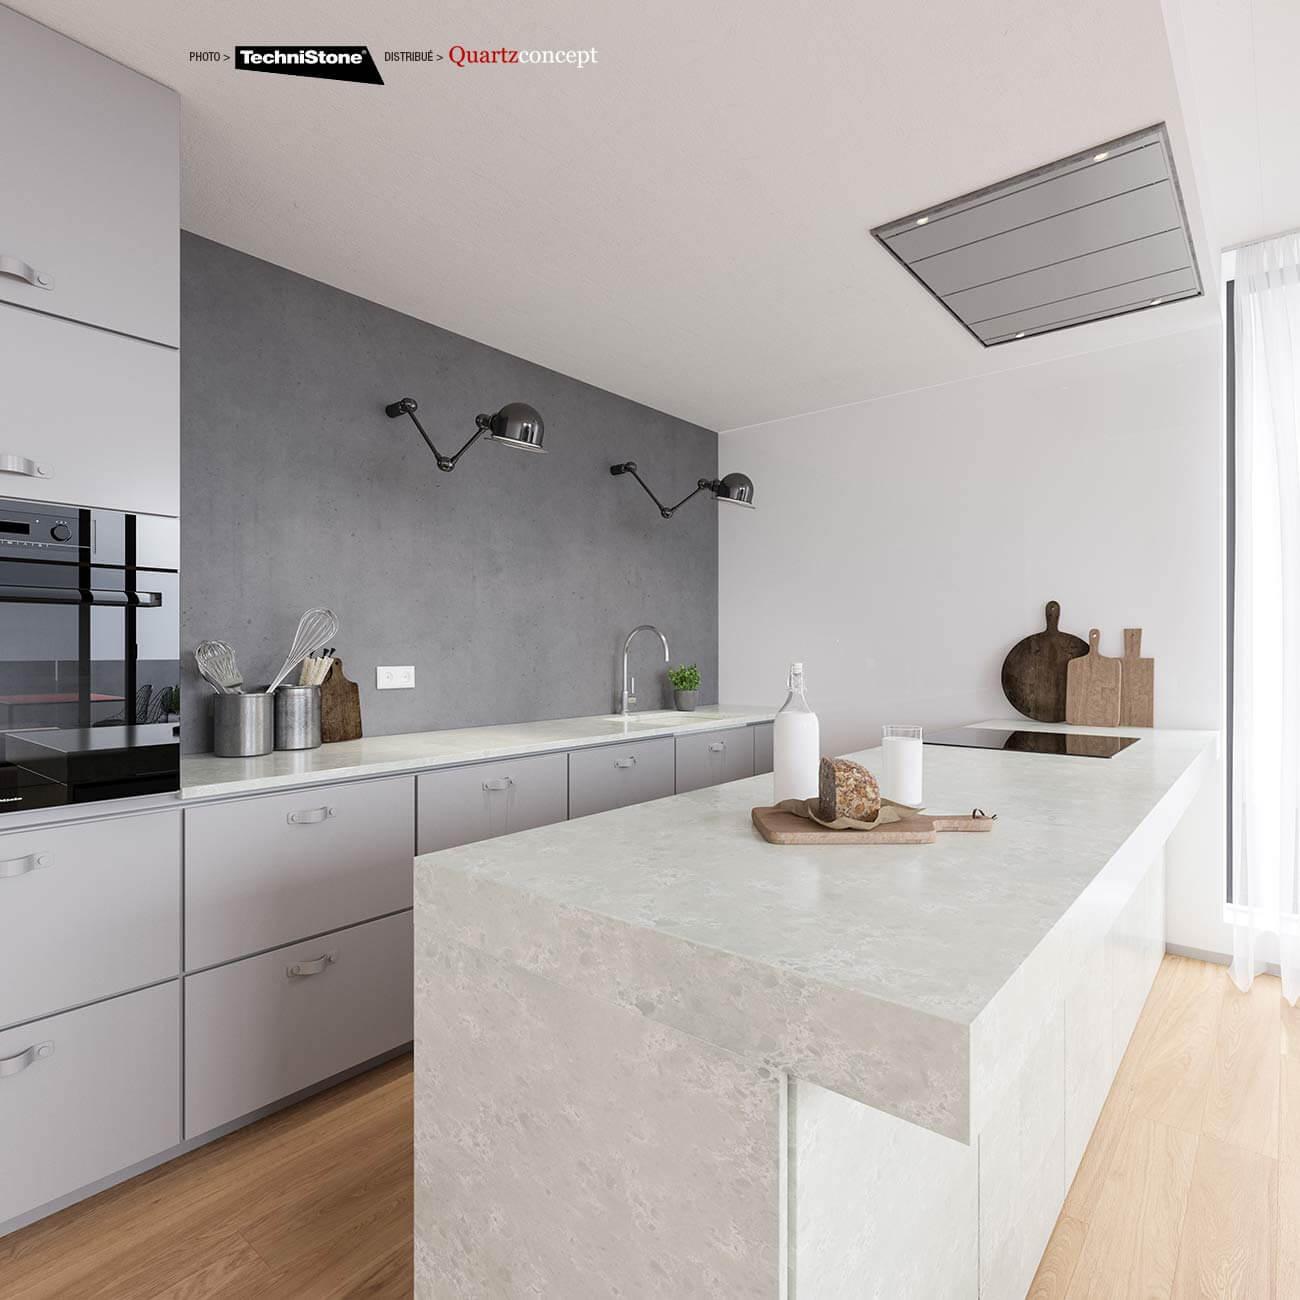 couleur-Noble-Olympos Quartz Technistone | Comptoir de cuisine et salle de bain